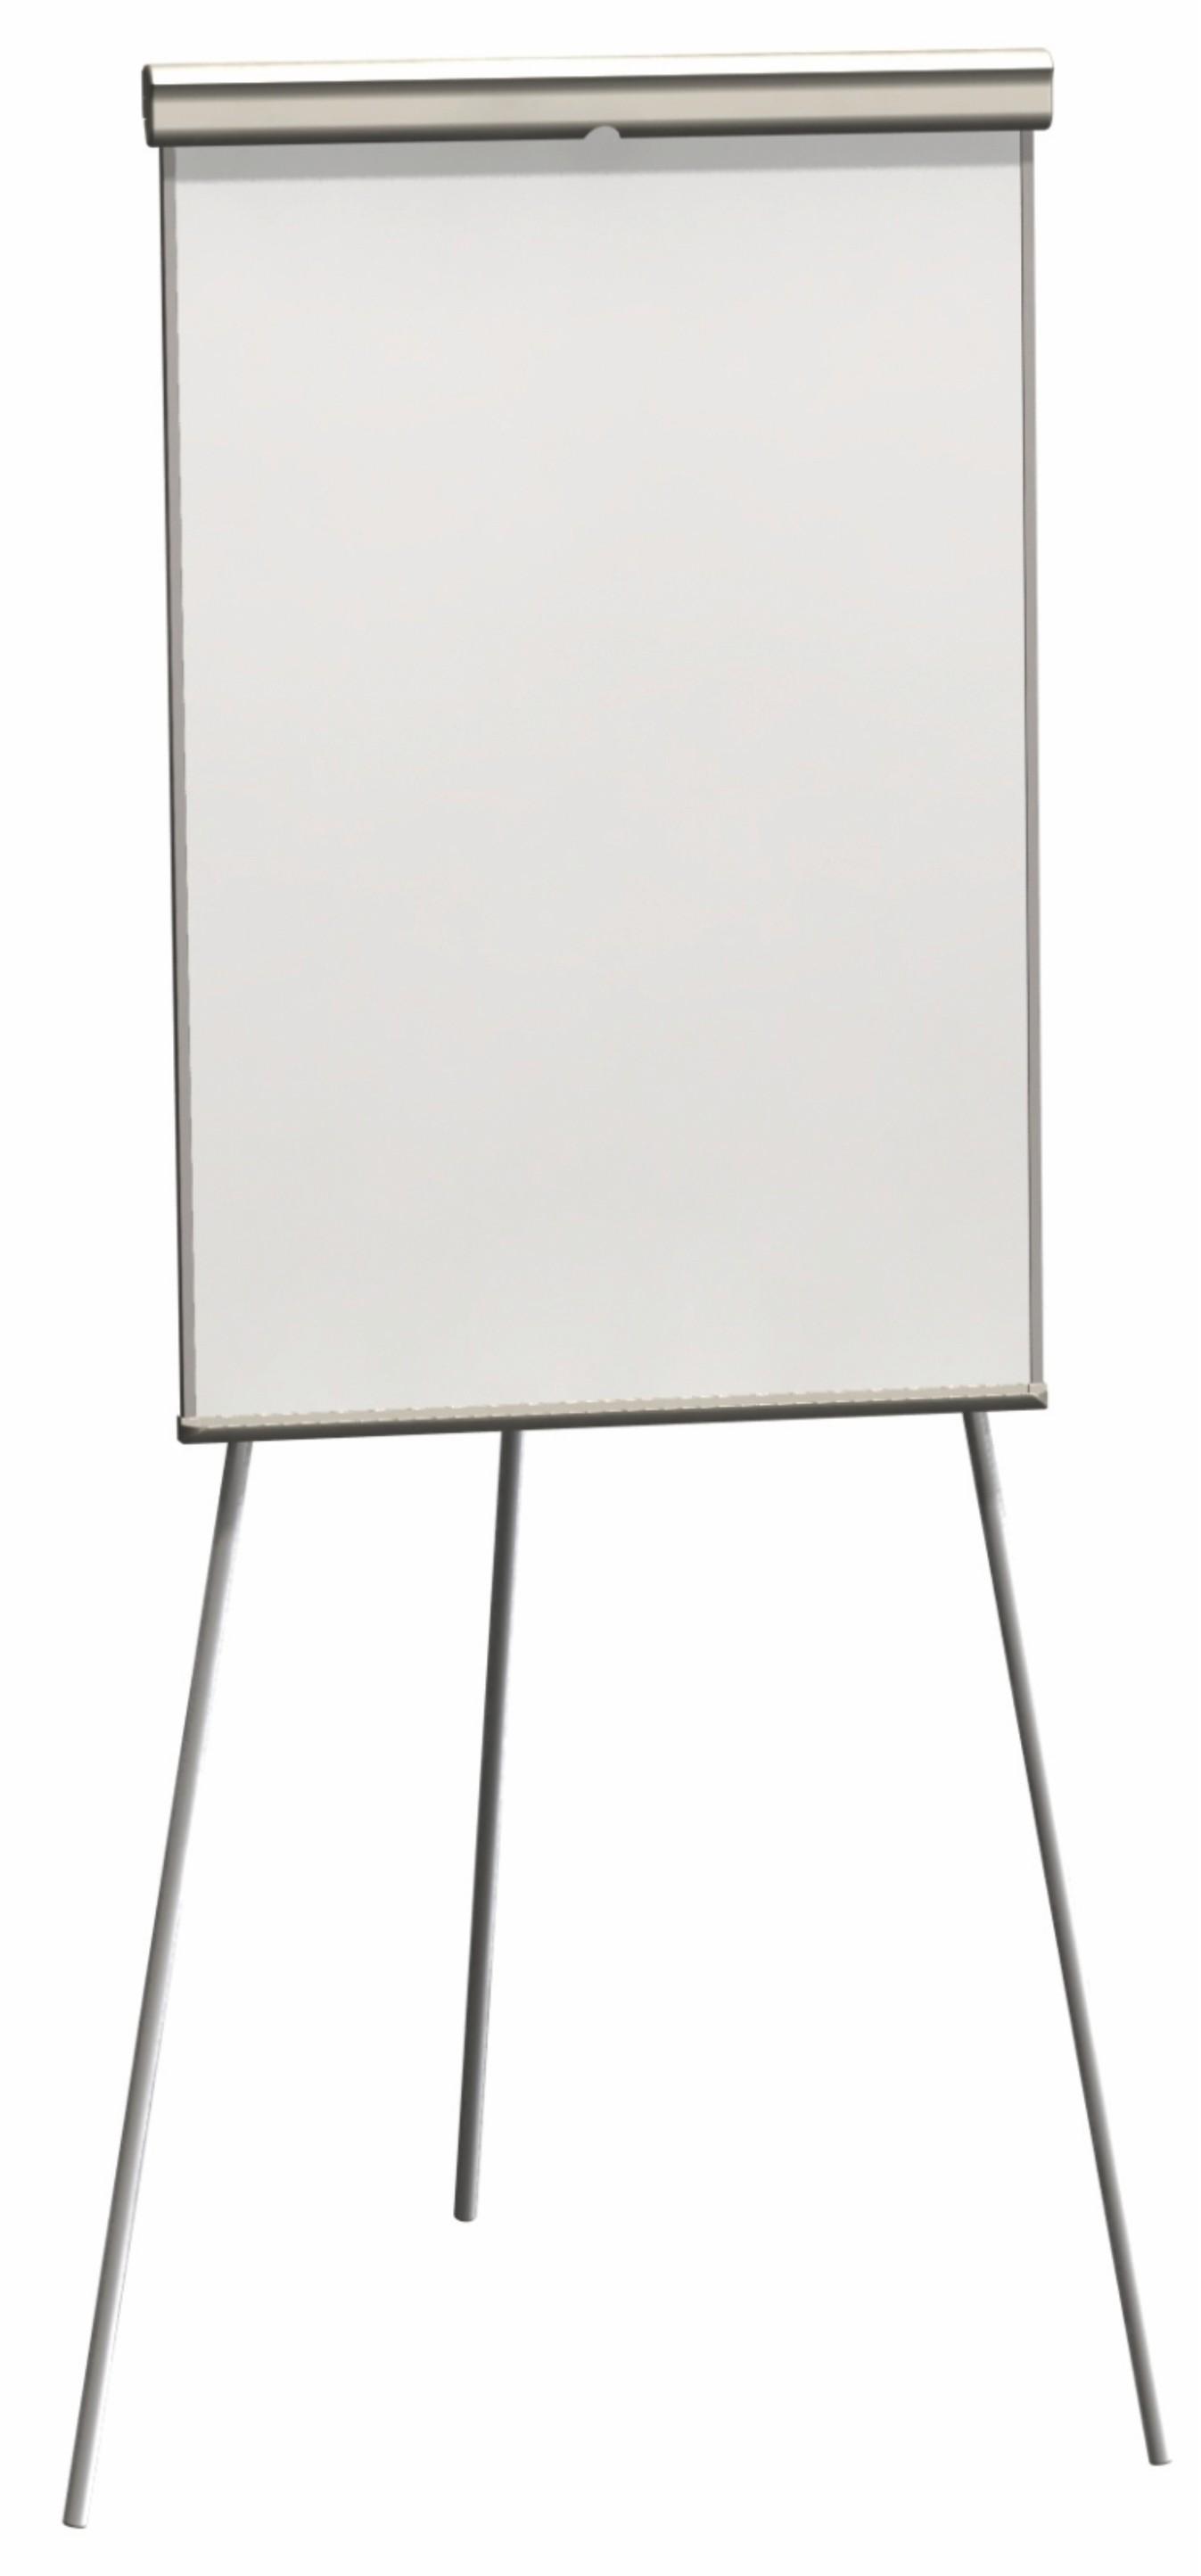 TABLA FLIP CHART FRANKEN X-TRA, LINE STANDARD